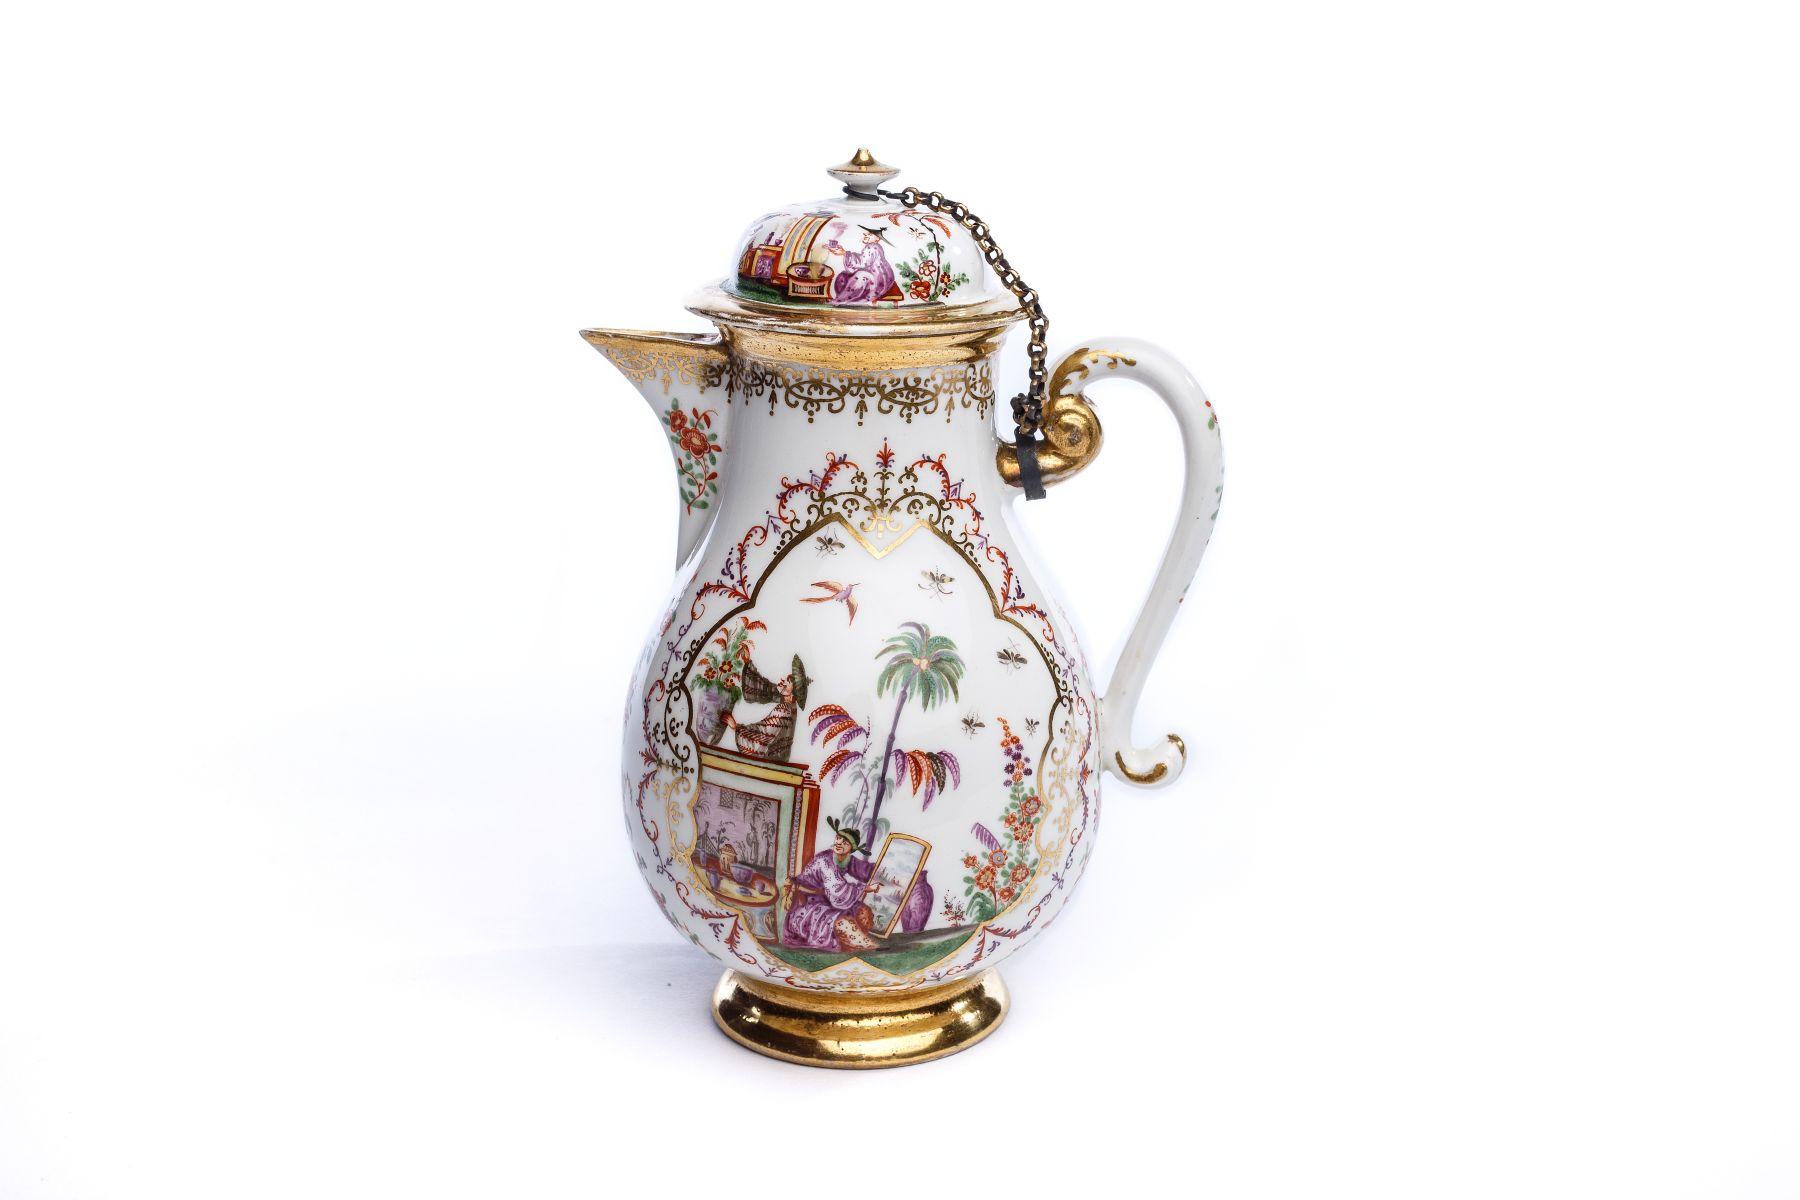 #19 Coffee pot, Meissen 1724 | Kaffeekanne, Meissen 1724 Image